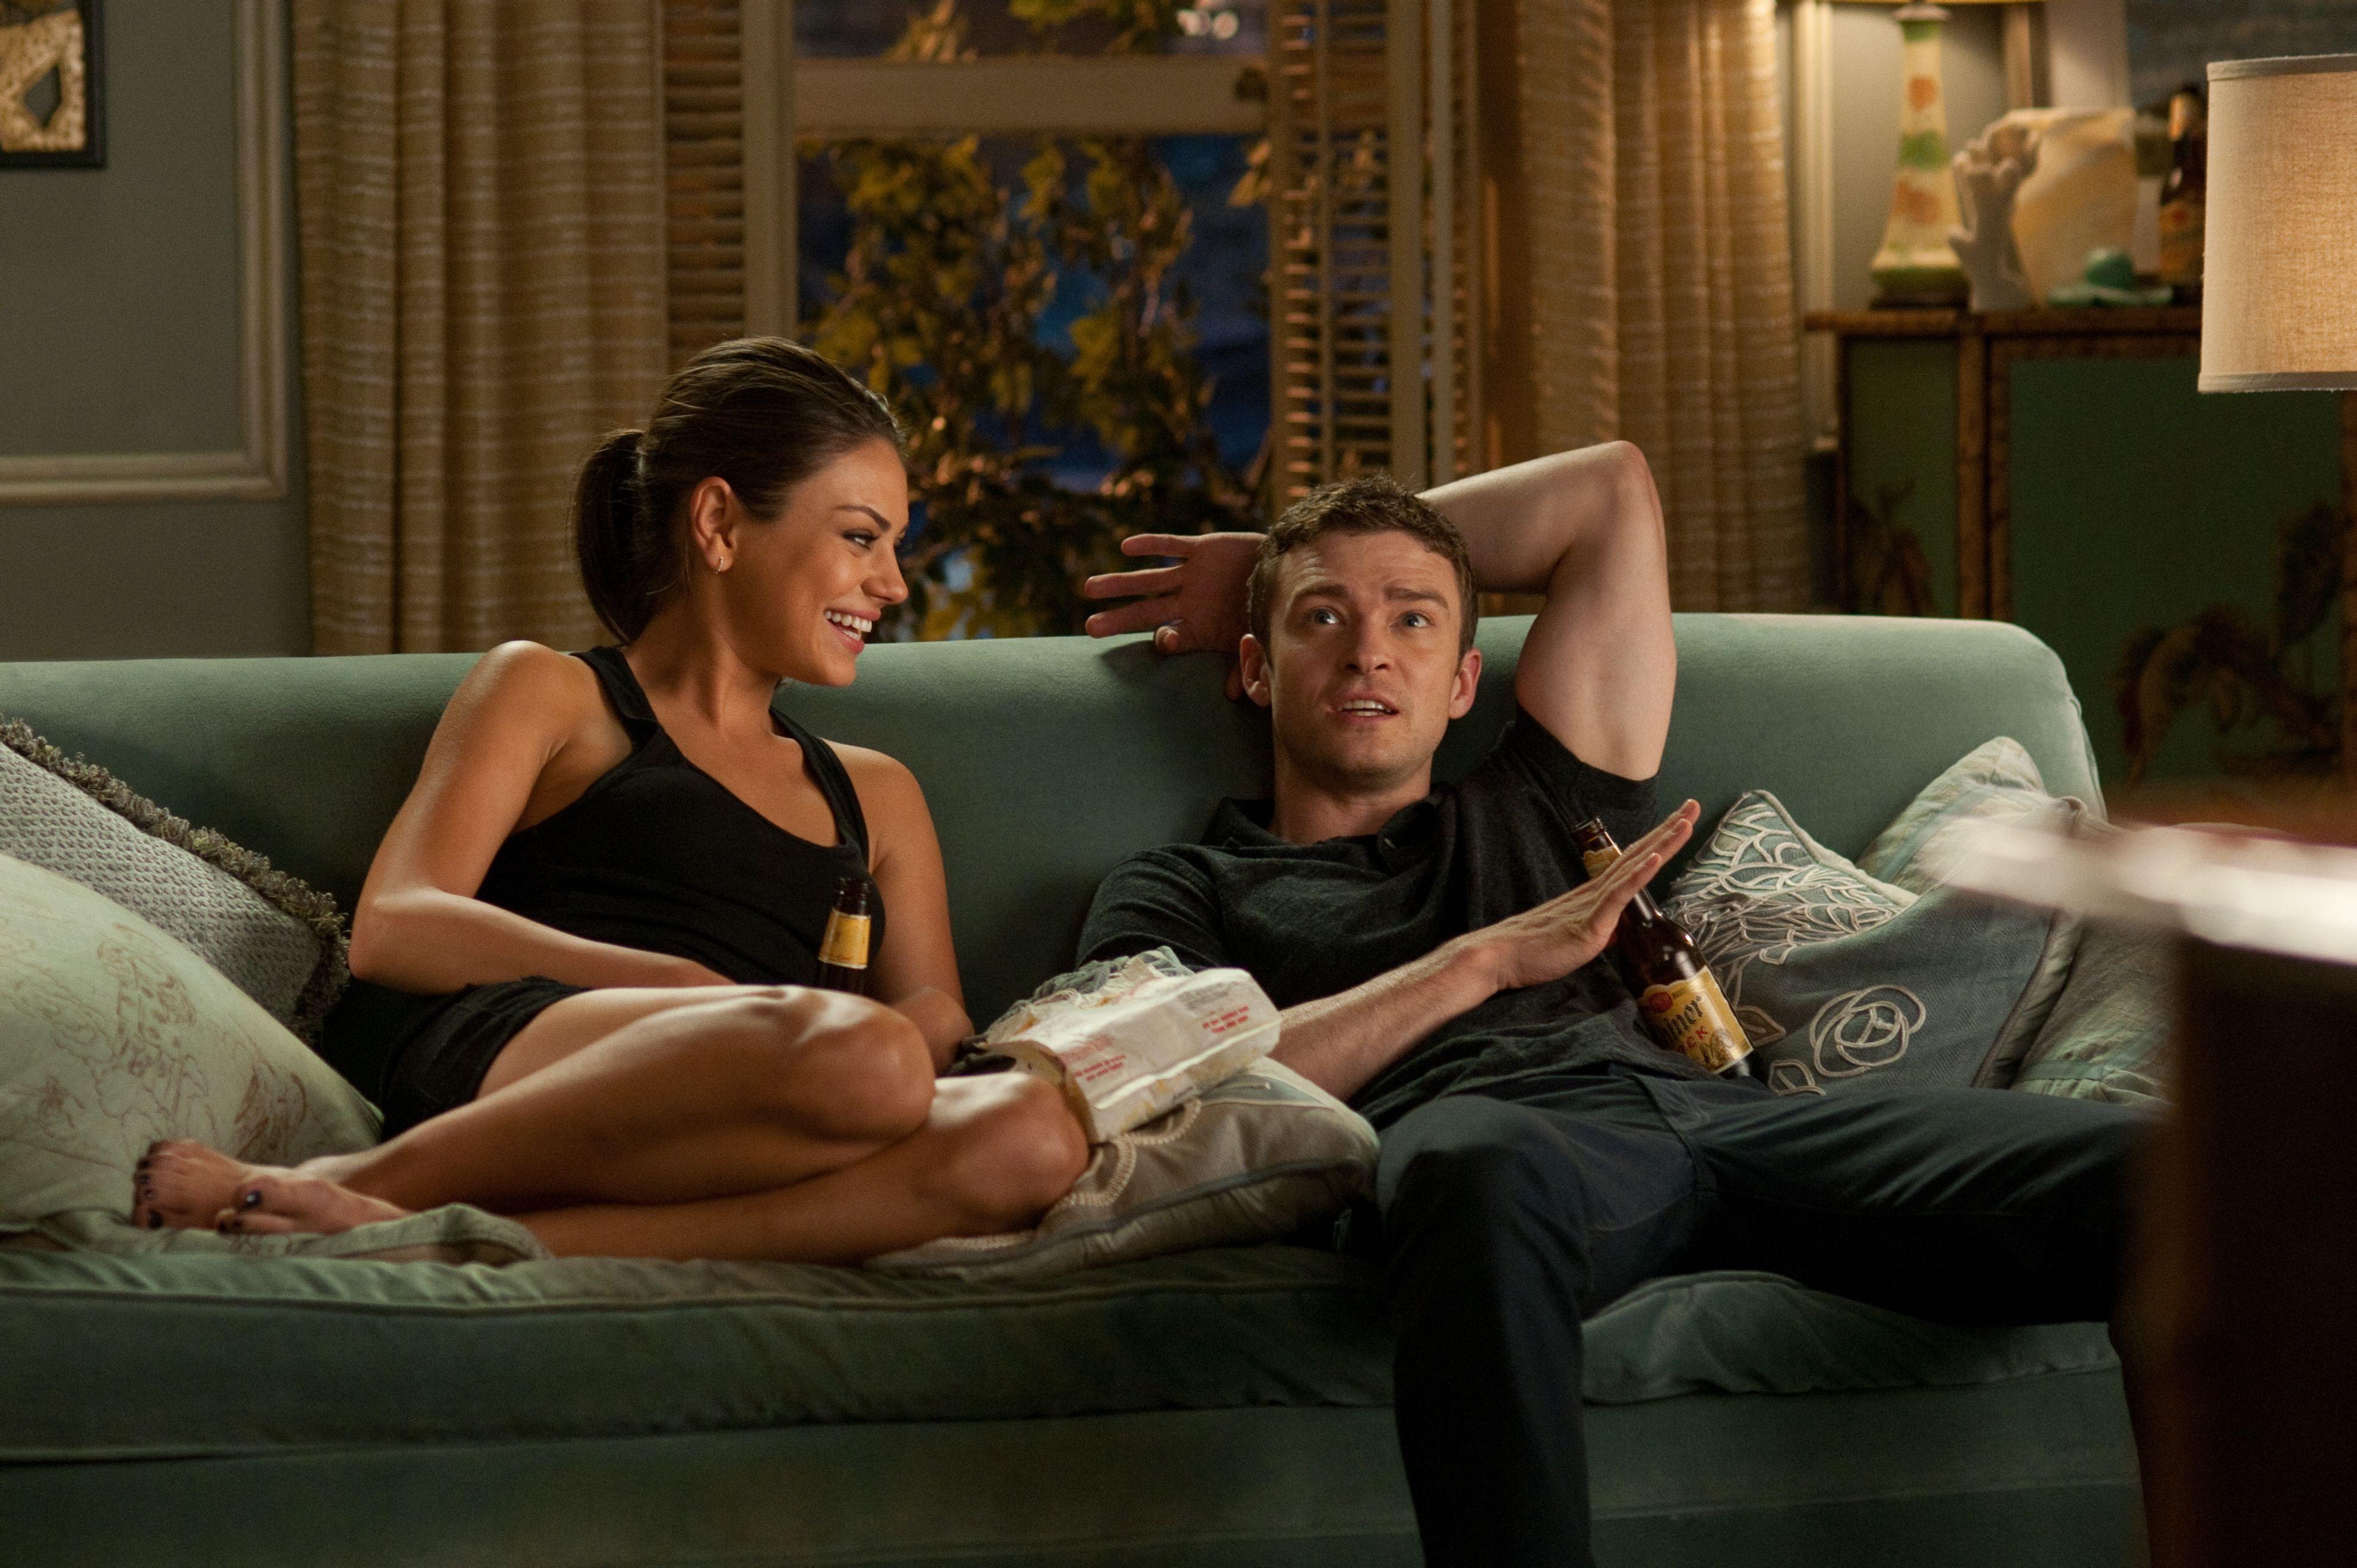 电影中有一幕是一个男的躺在地上,背景音乐的歌词有一句是love is